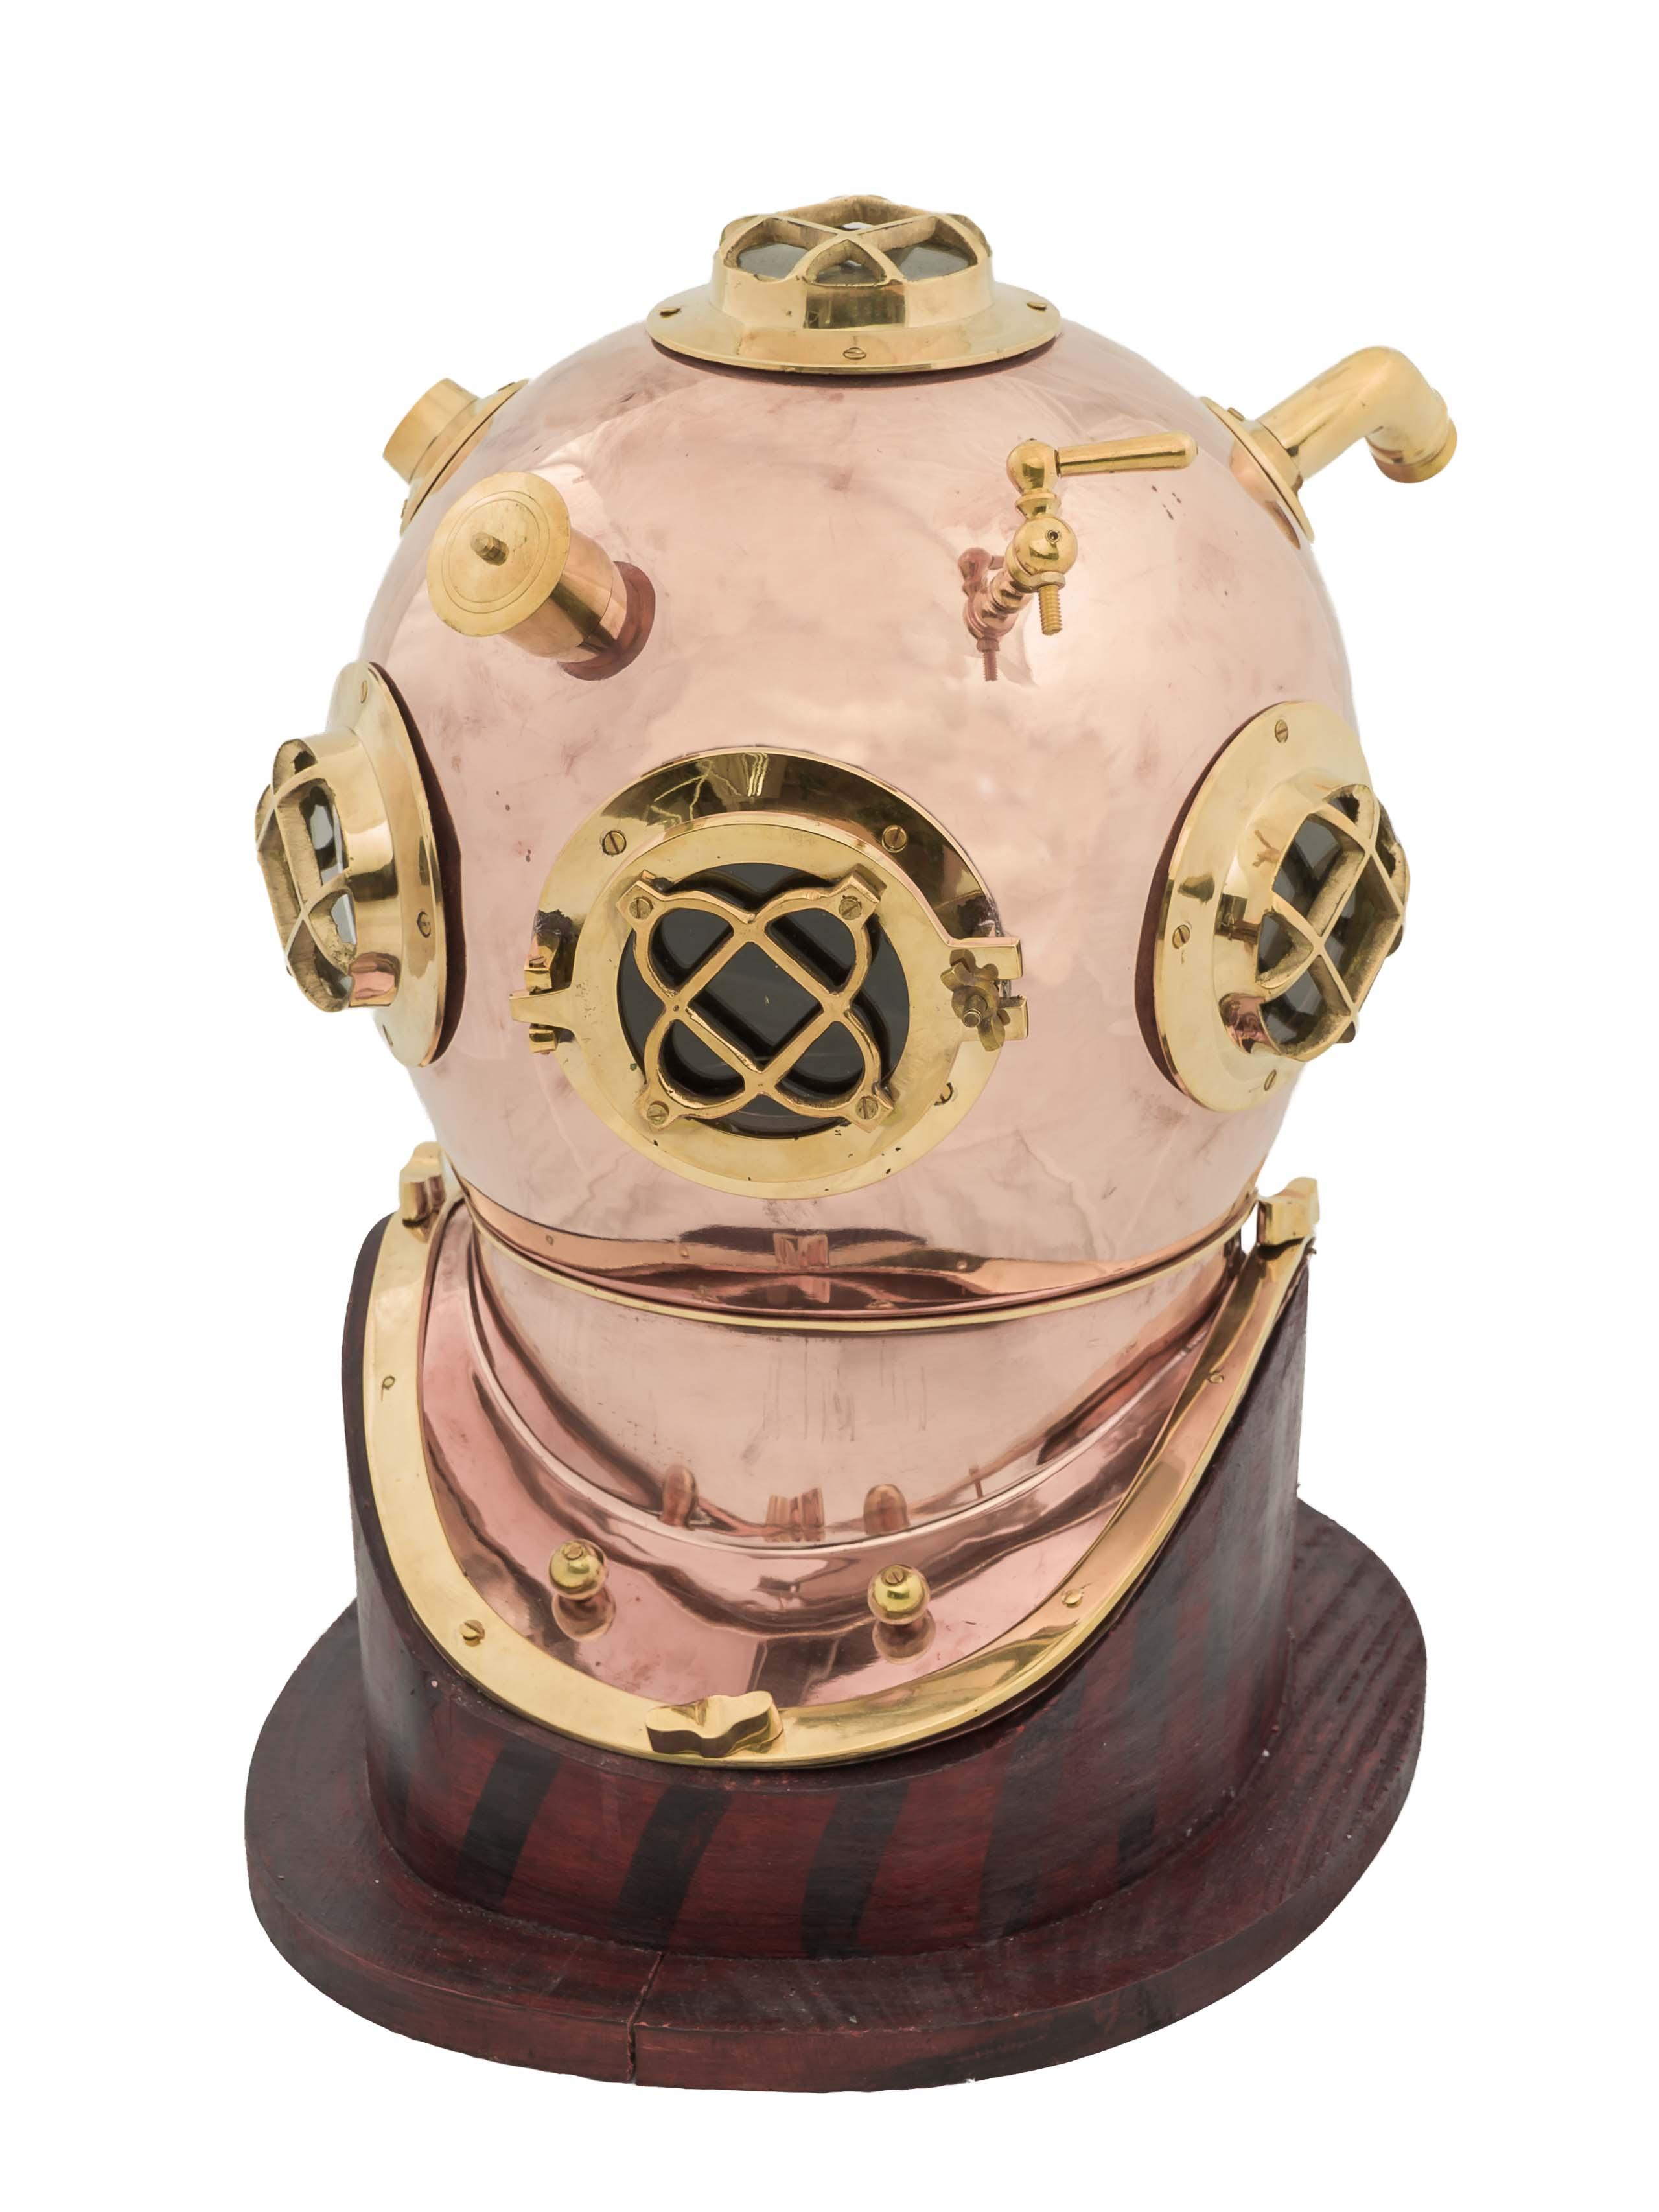 du plastique du pl/âtre Laoye Scie cloche circulaire en bois 30-200 mm en alliage Scie cloche r/églable pour le travail du bois